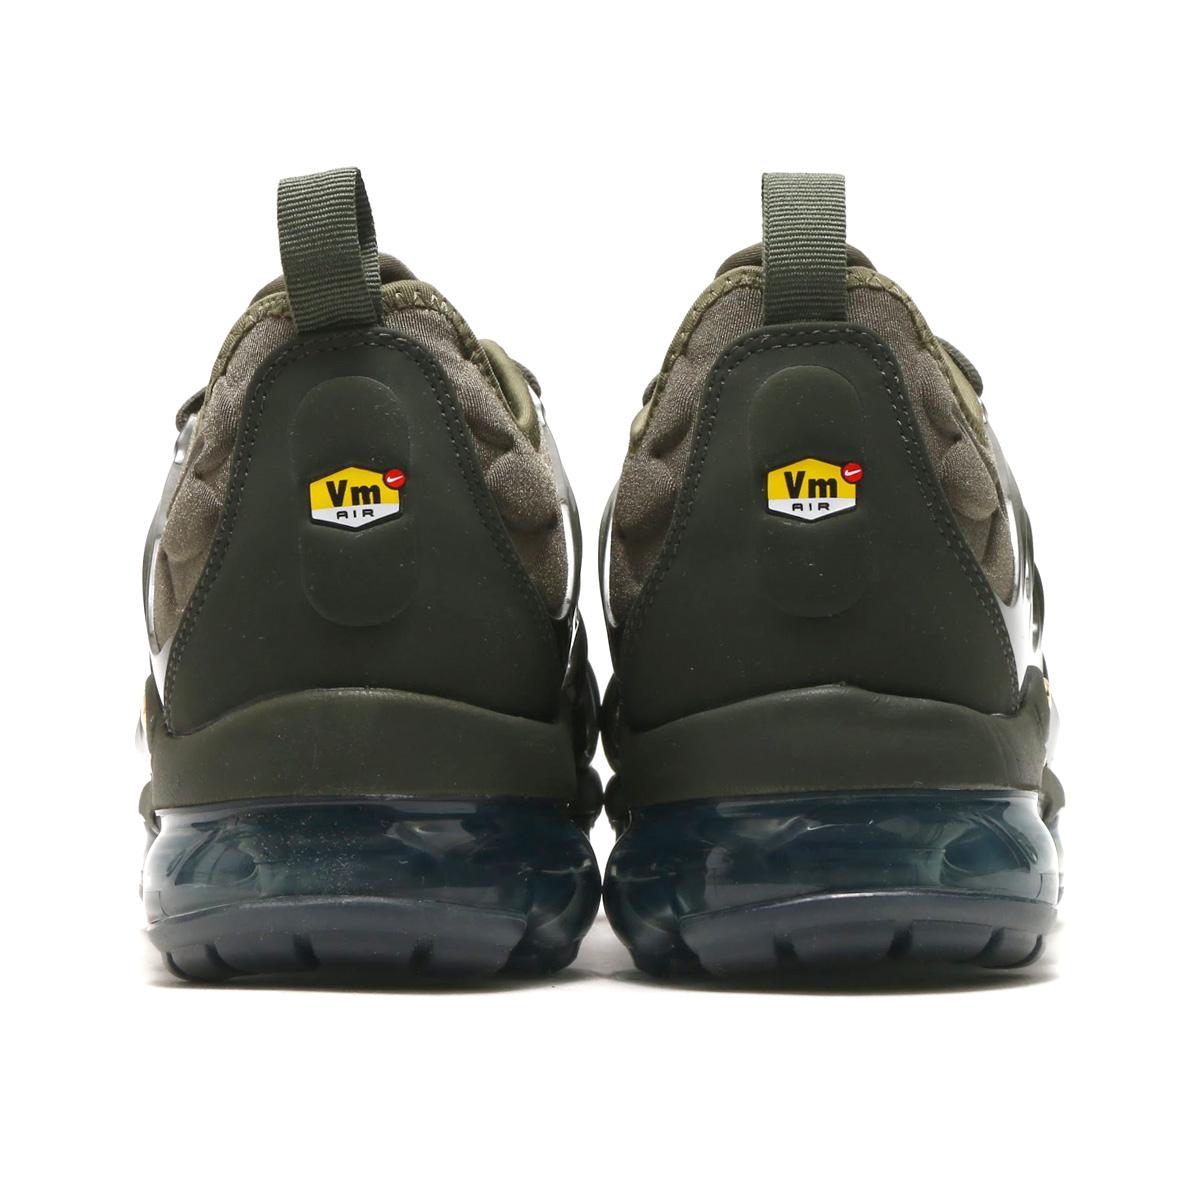 NIKE AIR VAPORMAX PLUS (Nike air vapor max plus) (CARGO KHAKI SEQUOIA-CLAY  GREEN) 18SP-S 101f06739